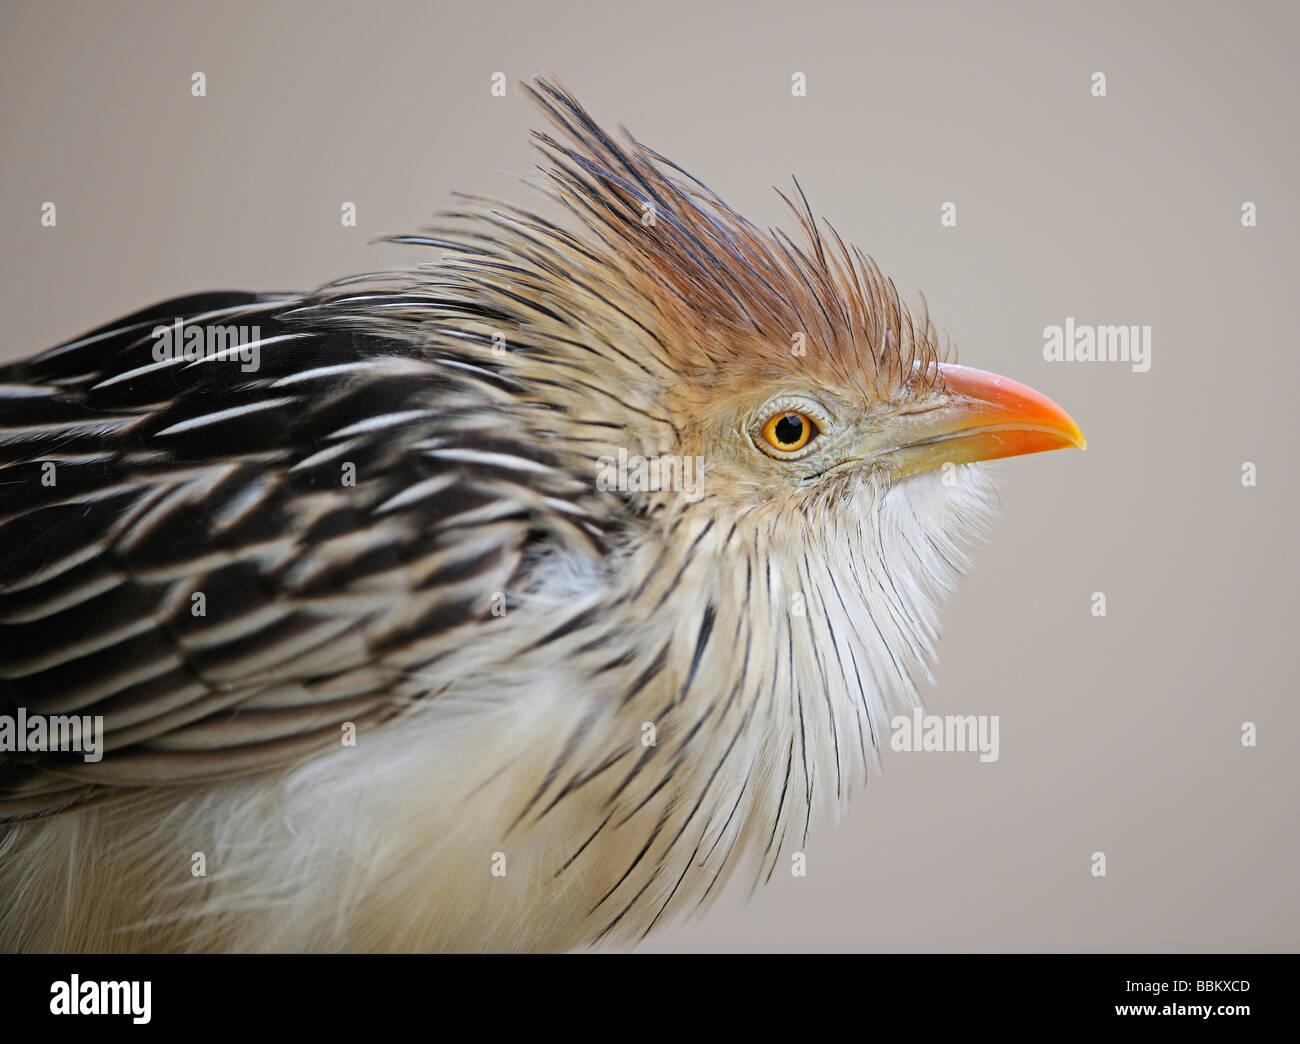 Guira Cuckoo (Guira guira), Brazil - Stock Image